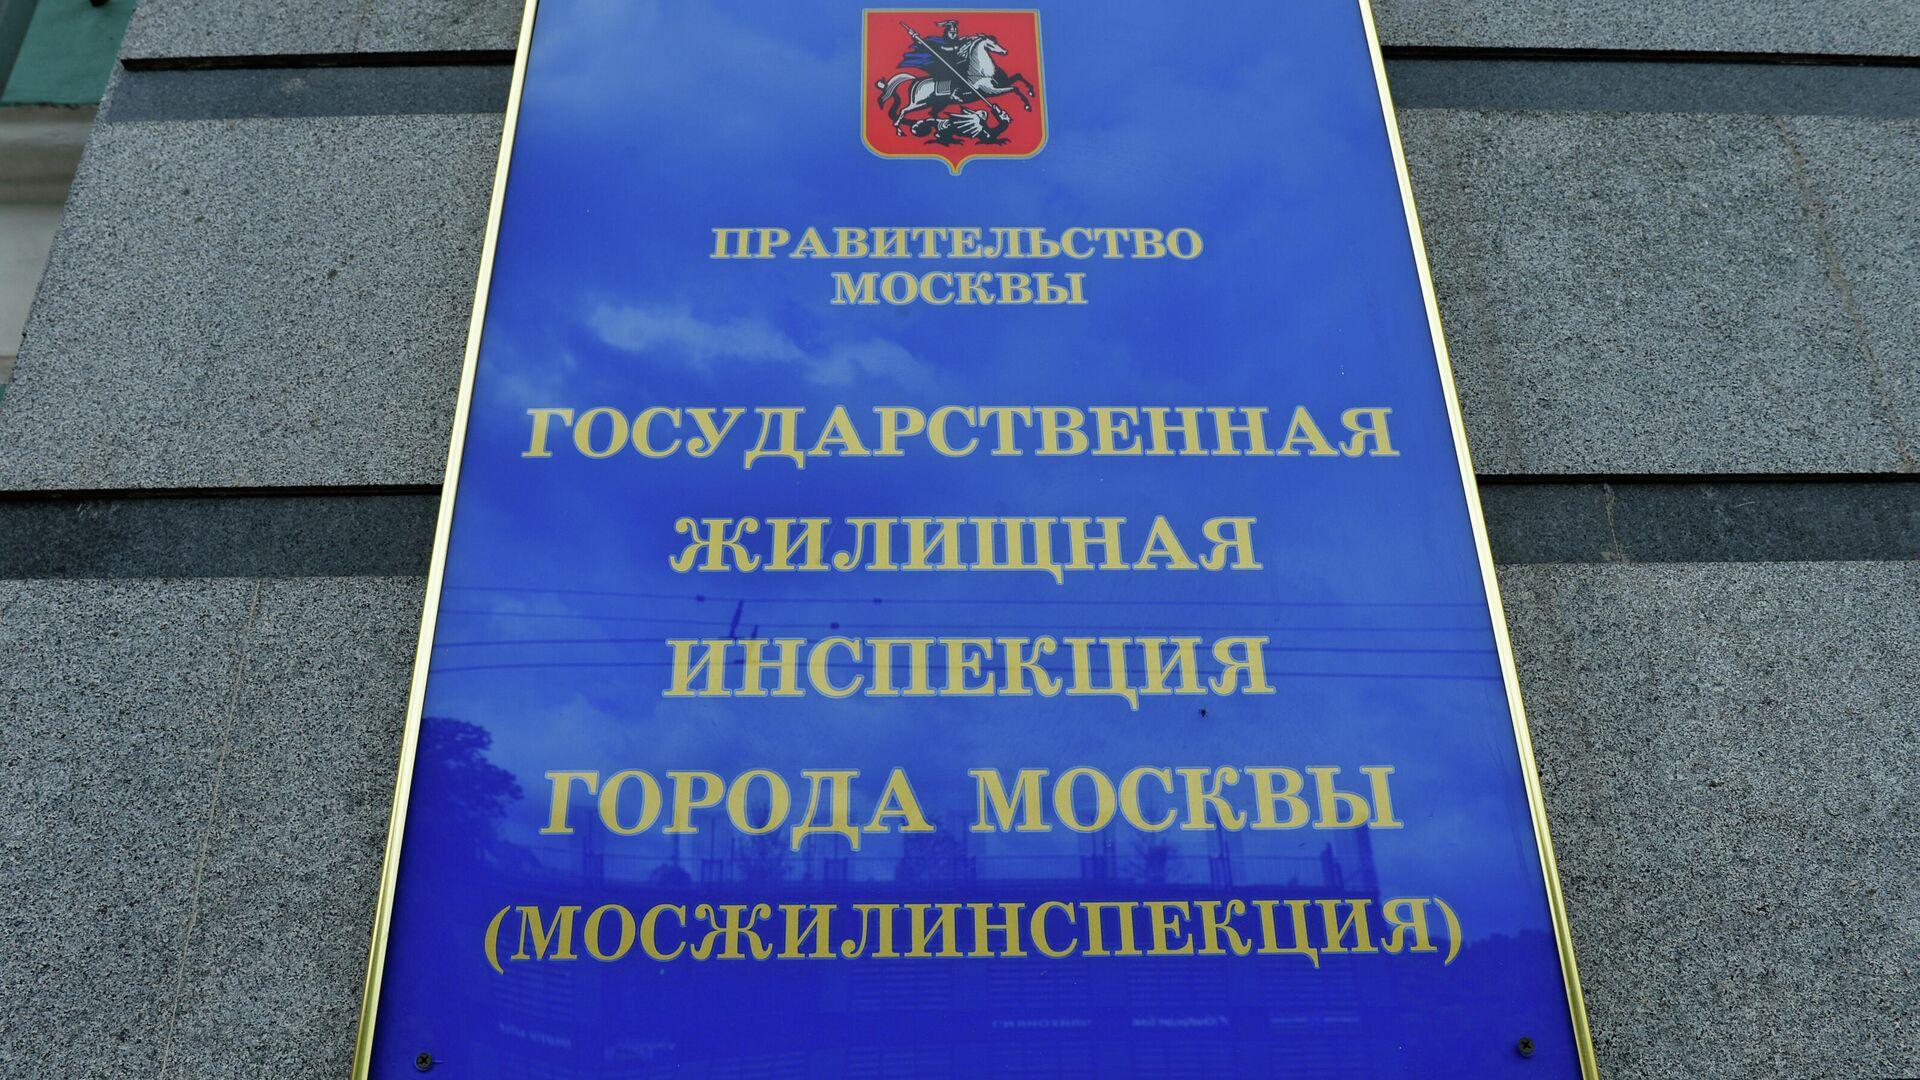 Мосжилинспекция - РИА Новости, 1920, 23.03.2021